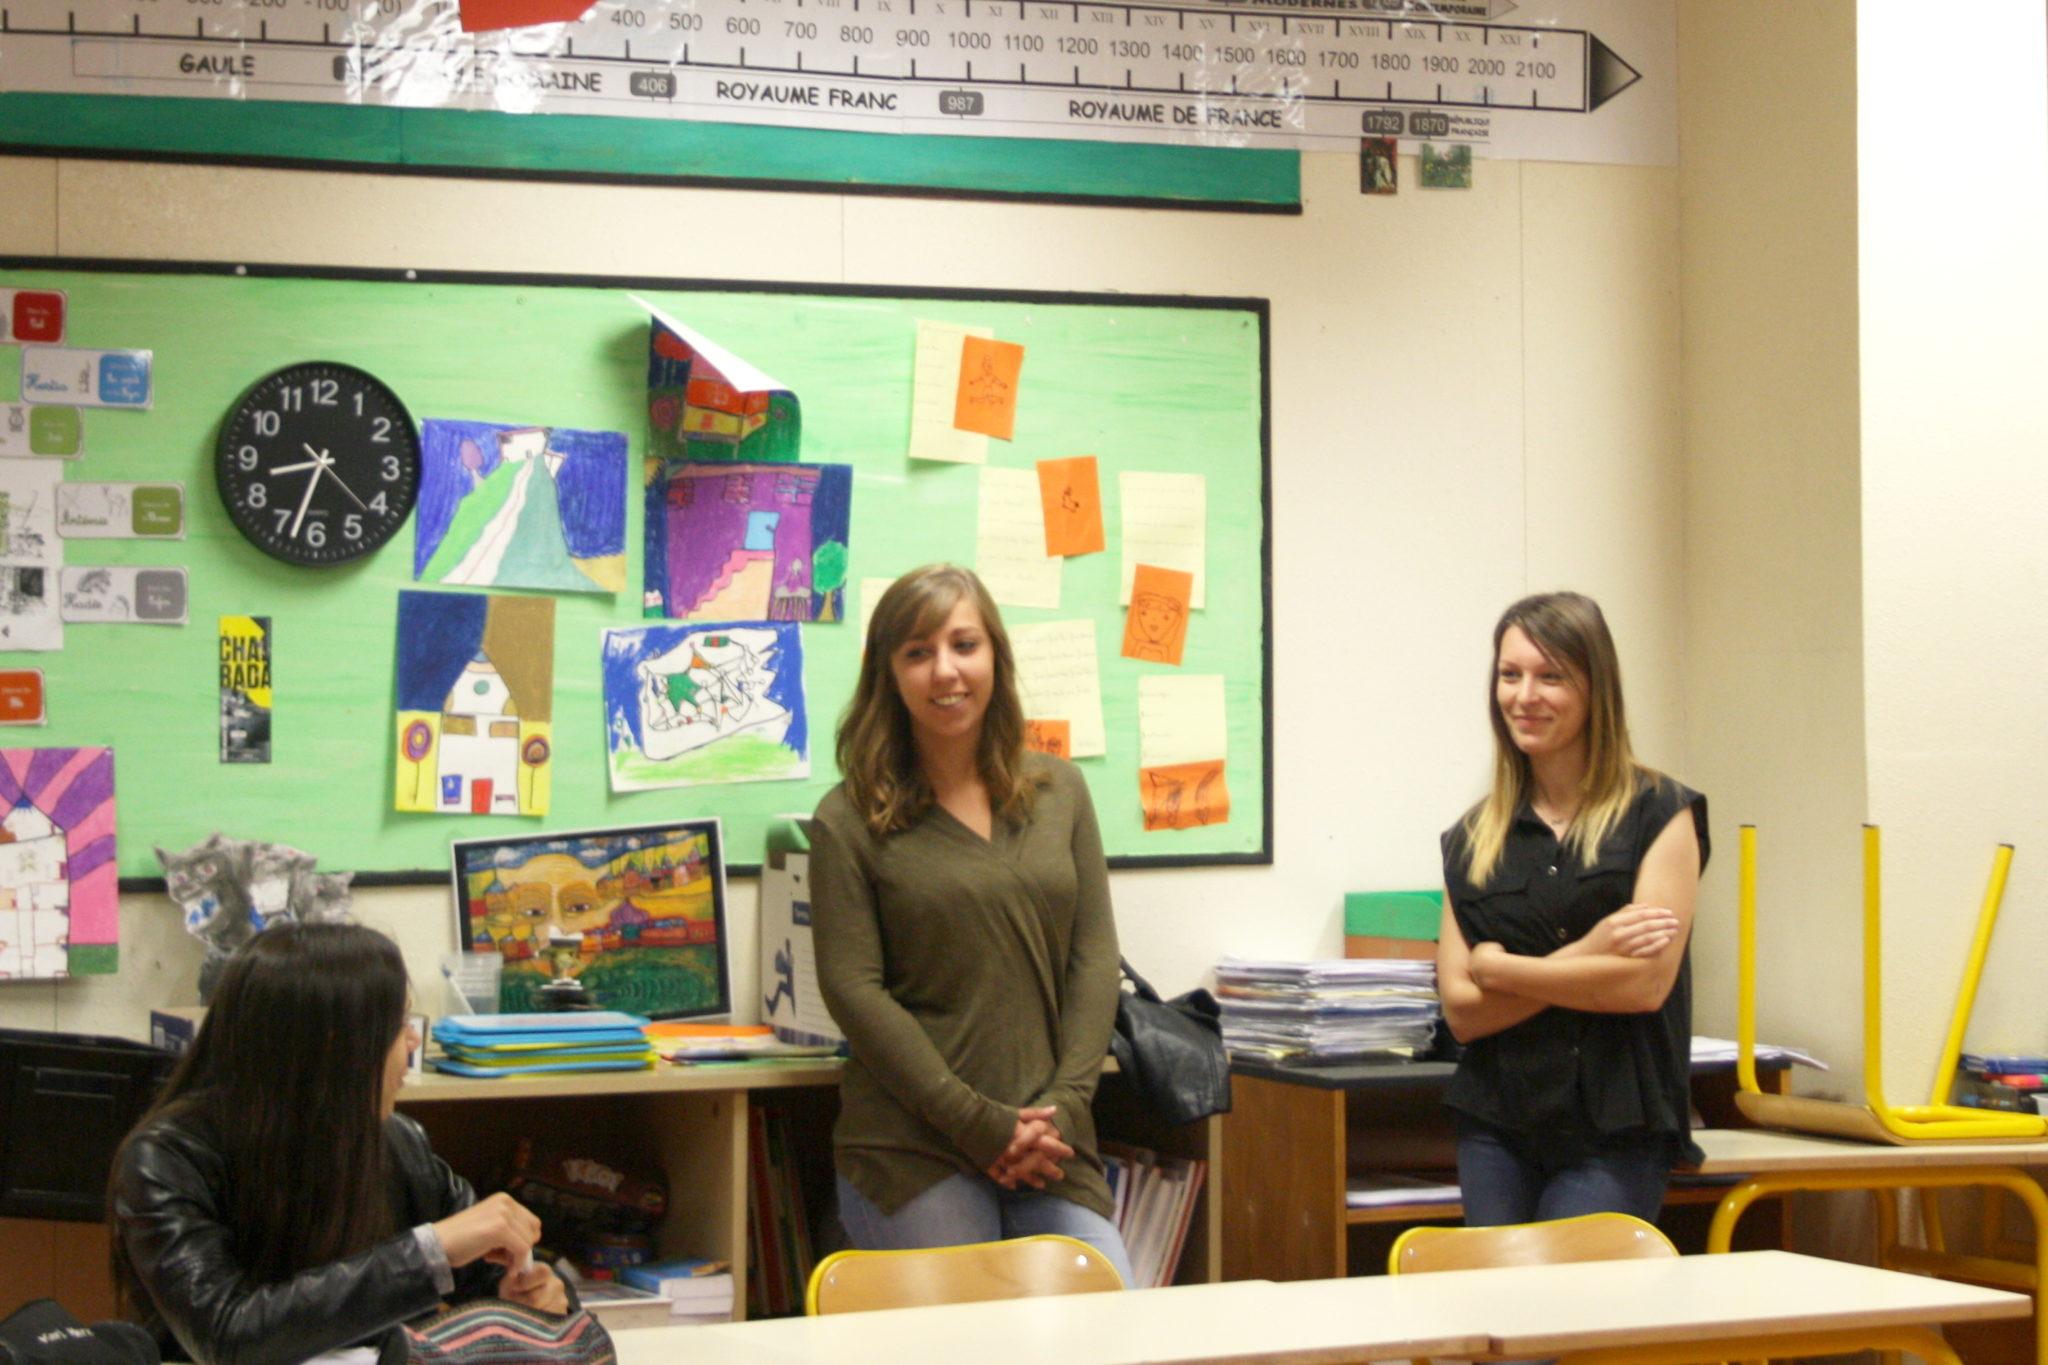 Oriane (à gauche) et Blandine (à droite) répondent aux questions des élèves à propos de leurs métiers.